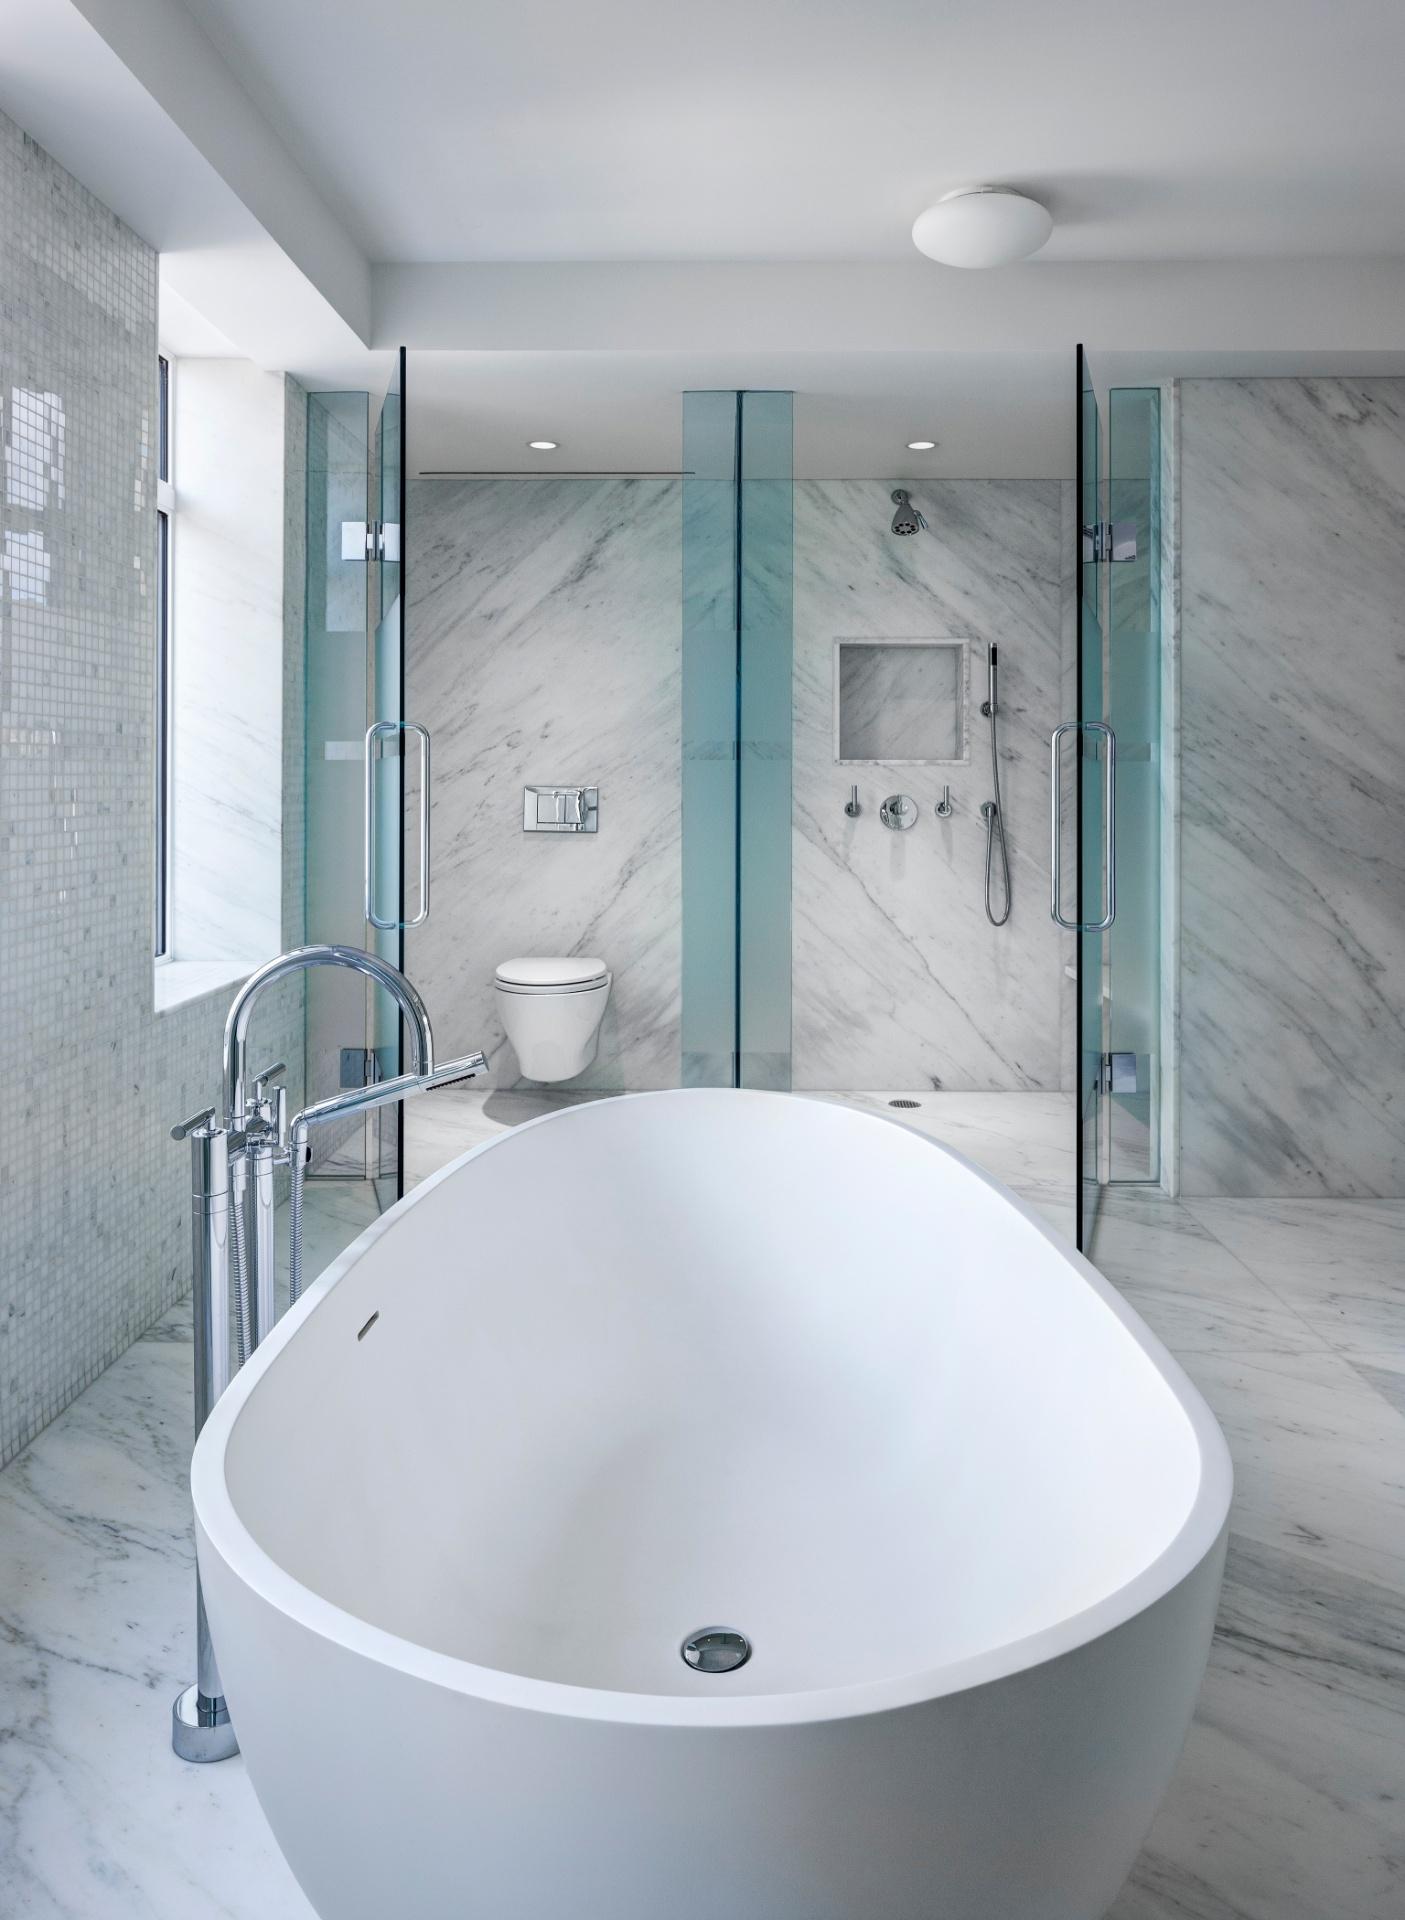 ... a banheira é posicionada de modo a ter todas a sua área limite livre para acesso  do usuário. No espaço (ao fundo), a cabine para banho e o reservado são limitados por boxes de vidro - Imagem do NYT, usar apenas no respectivo material